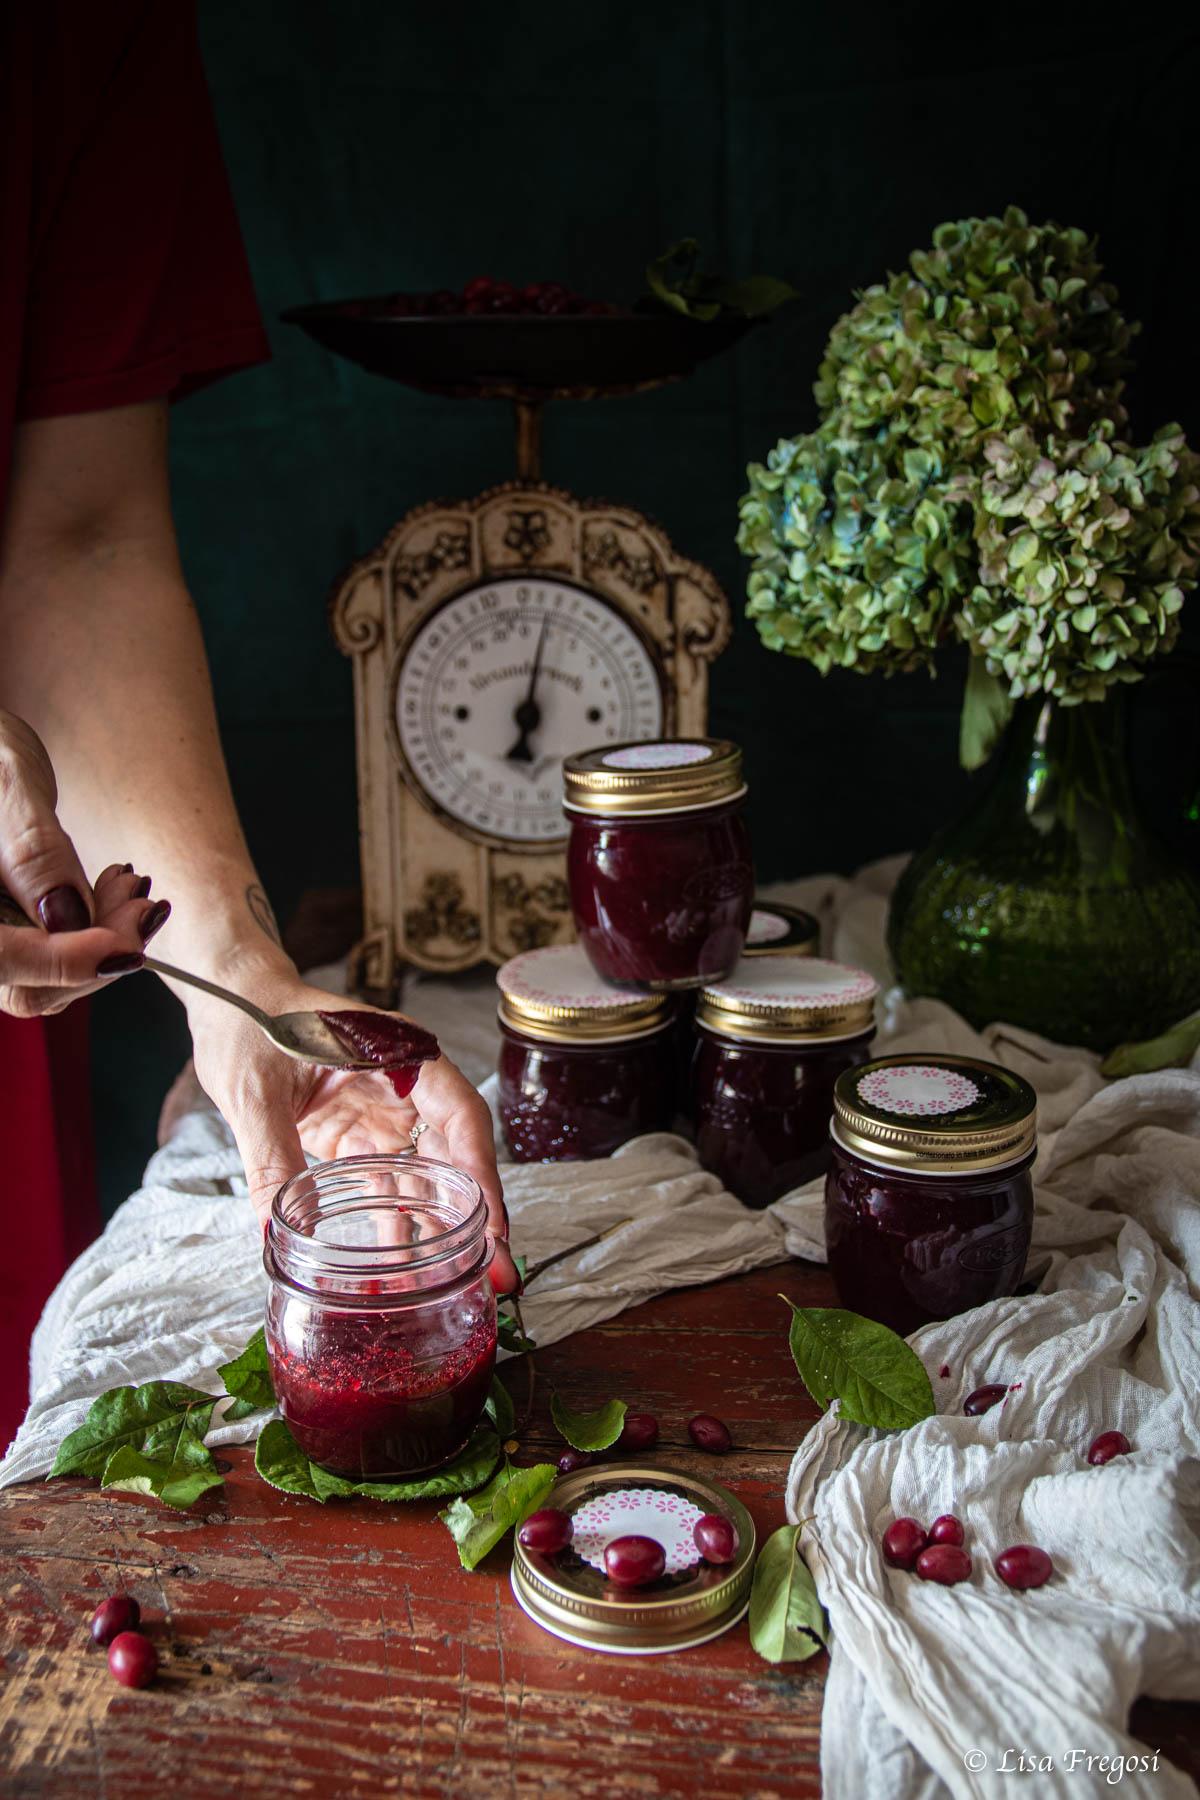 corniole ciliegie corniole frutto corniole in cucina